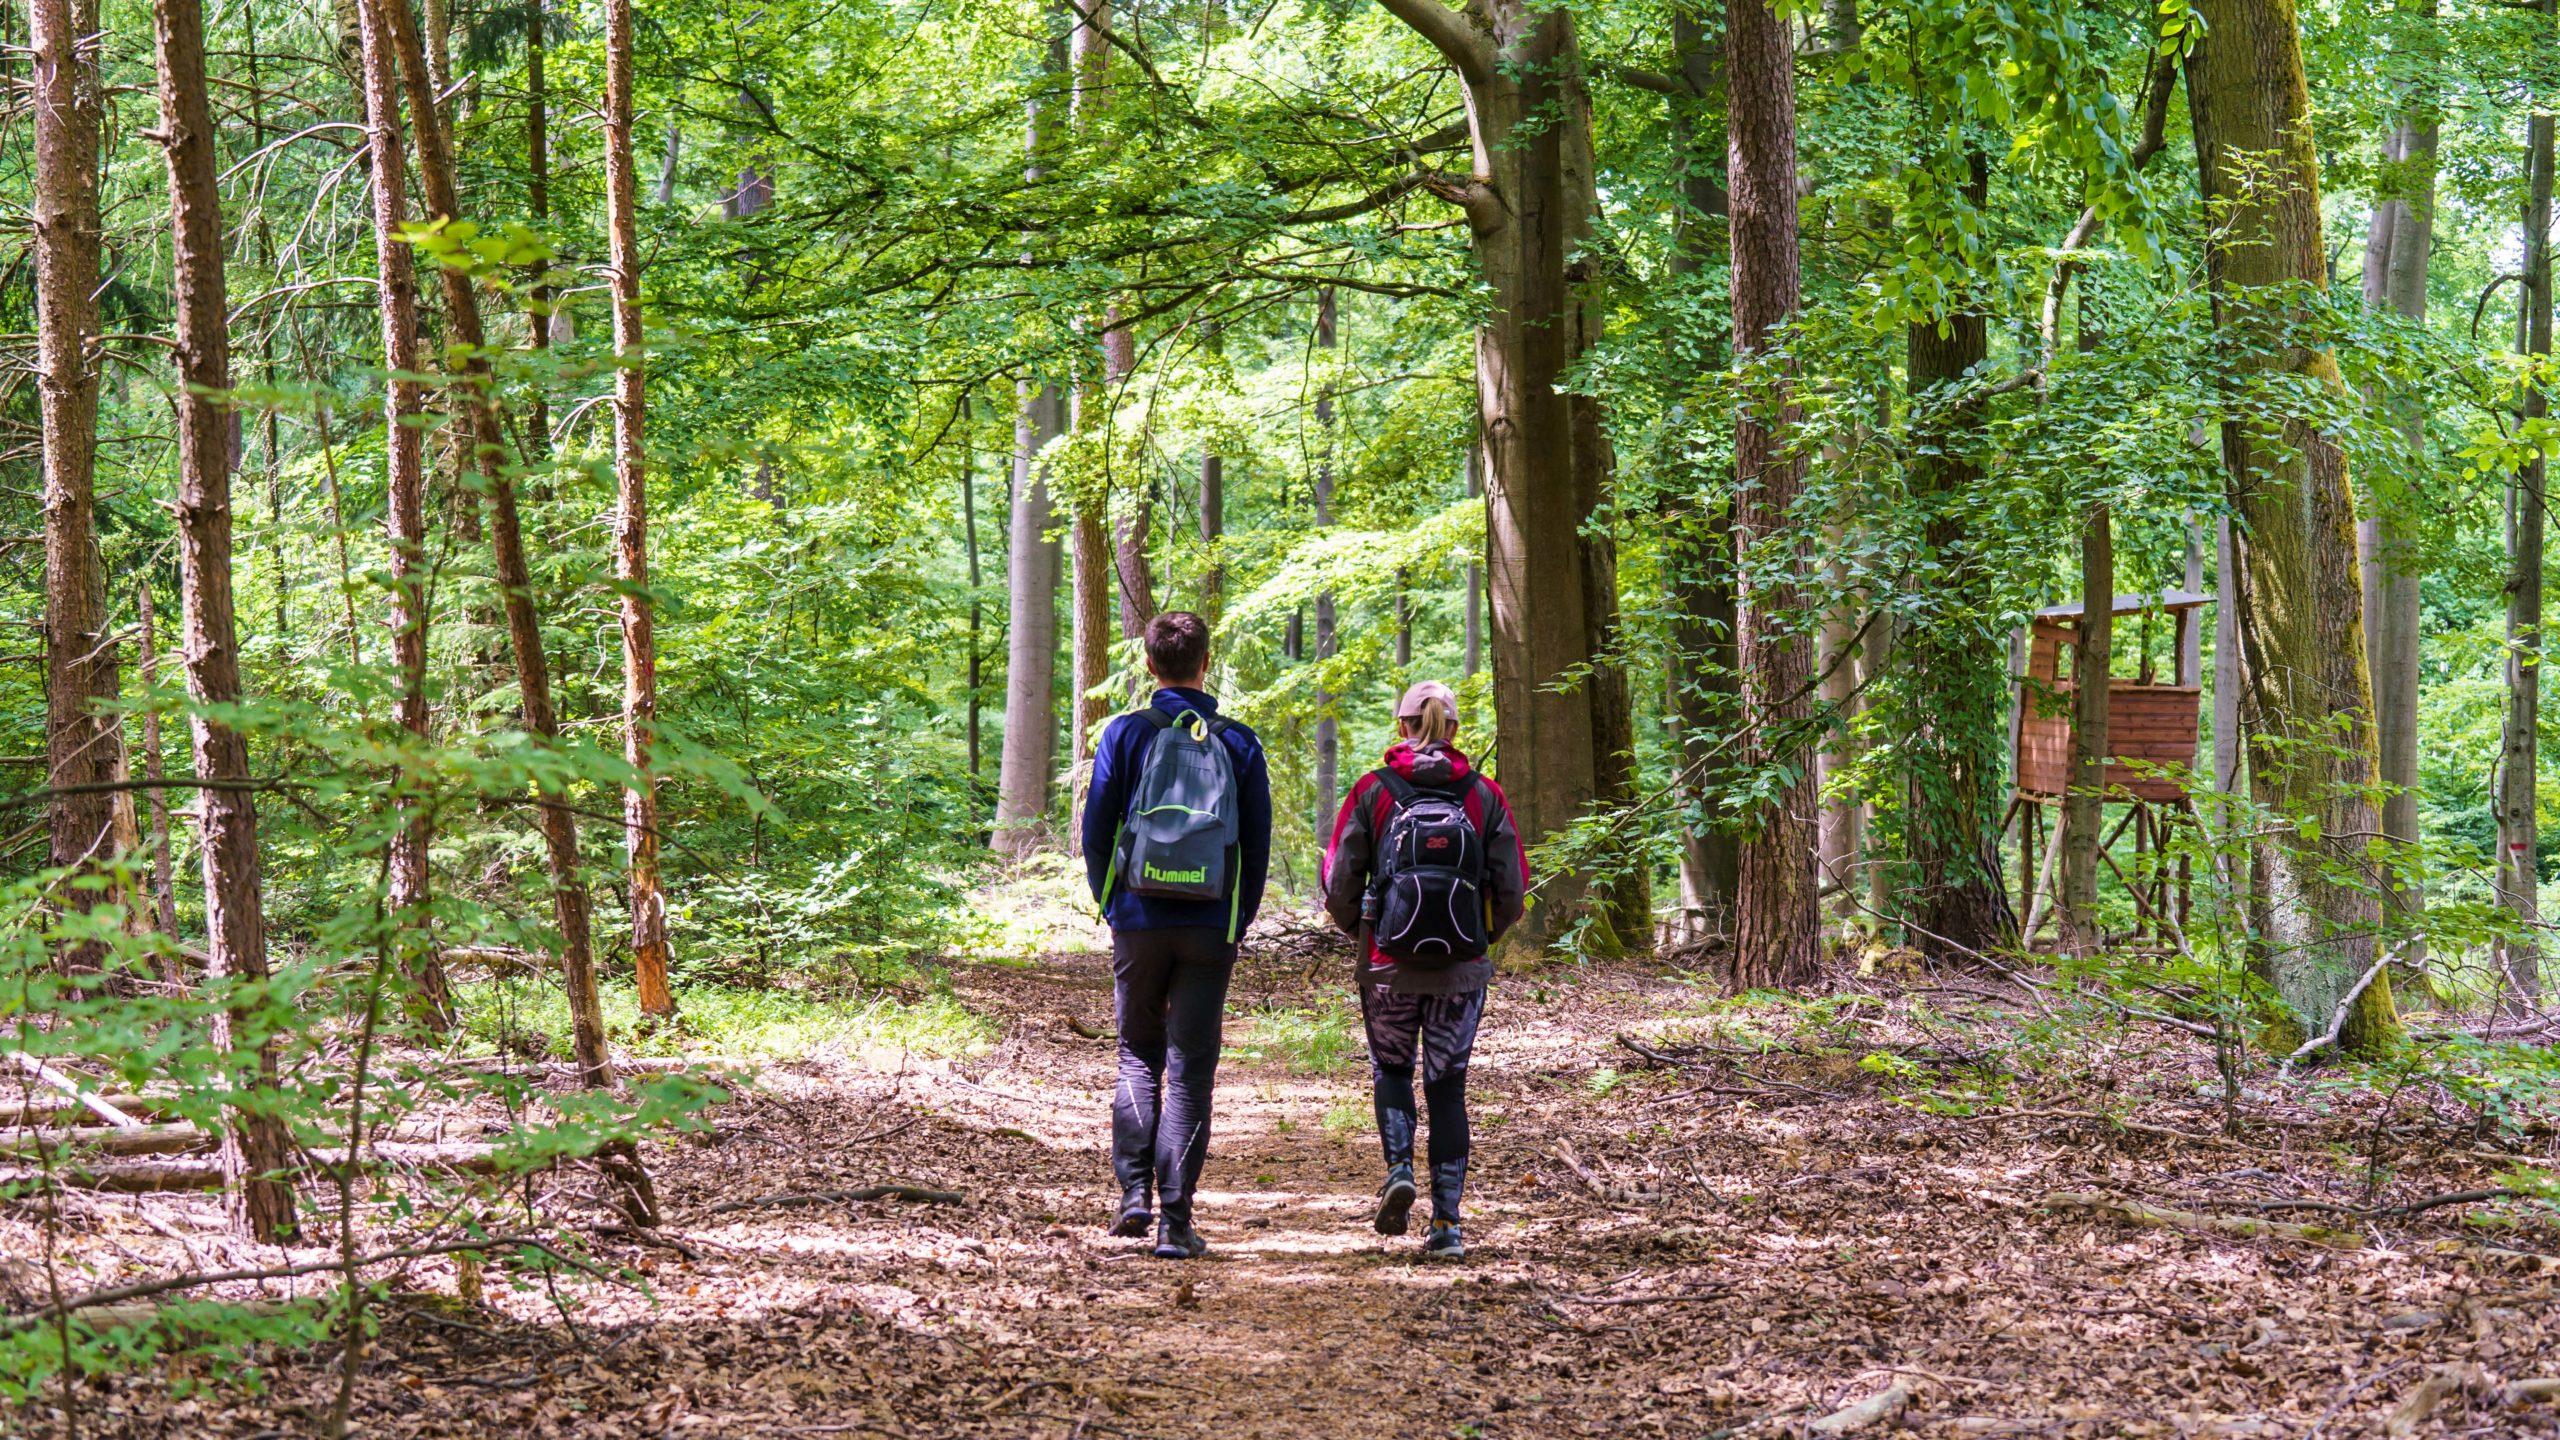 Grenzweg Gerstunger Forst, und weiter auf dem gemeinsamen Weg